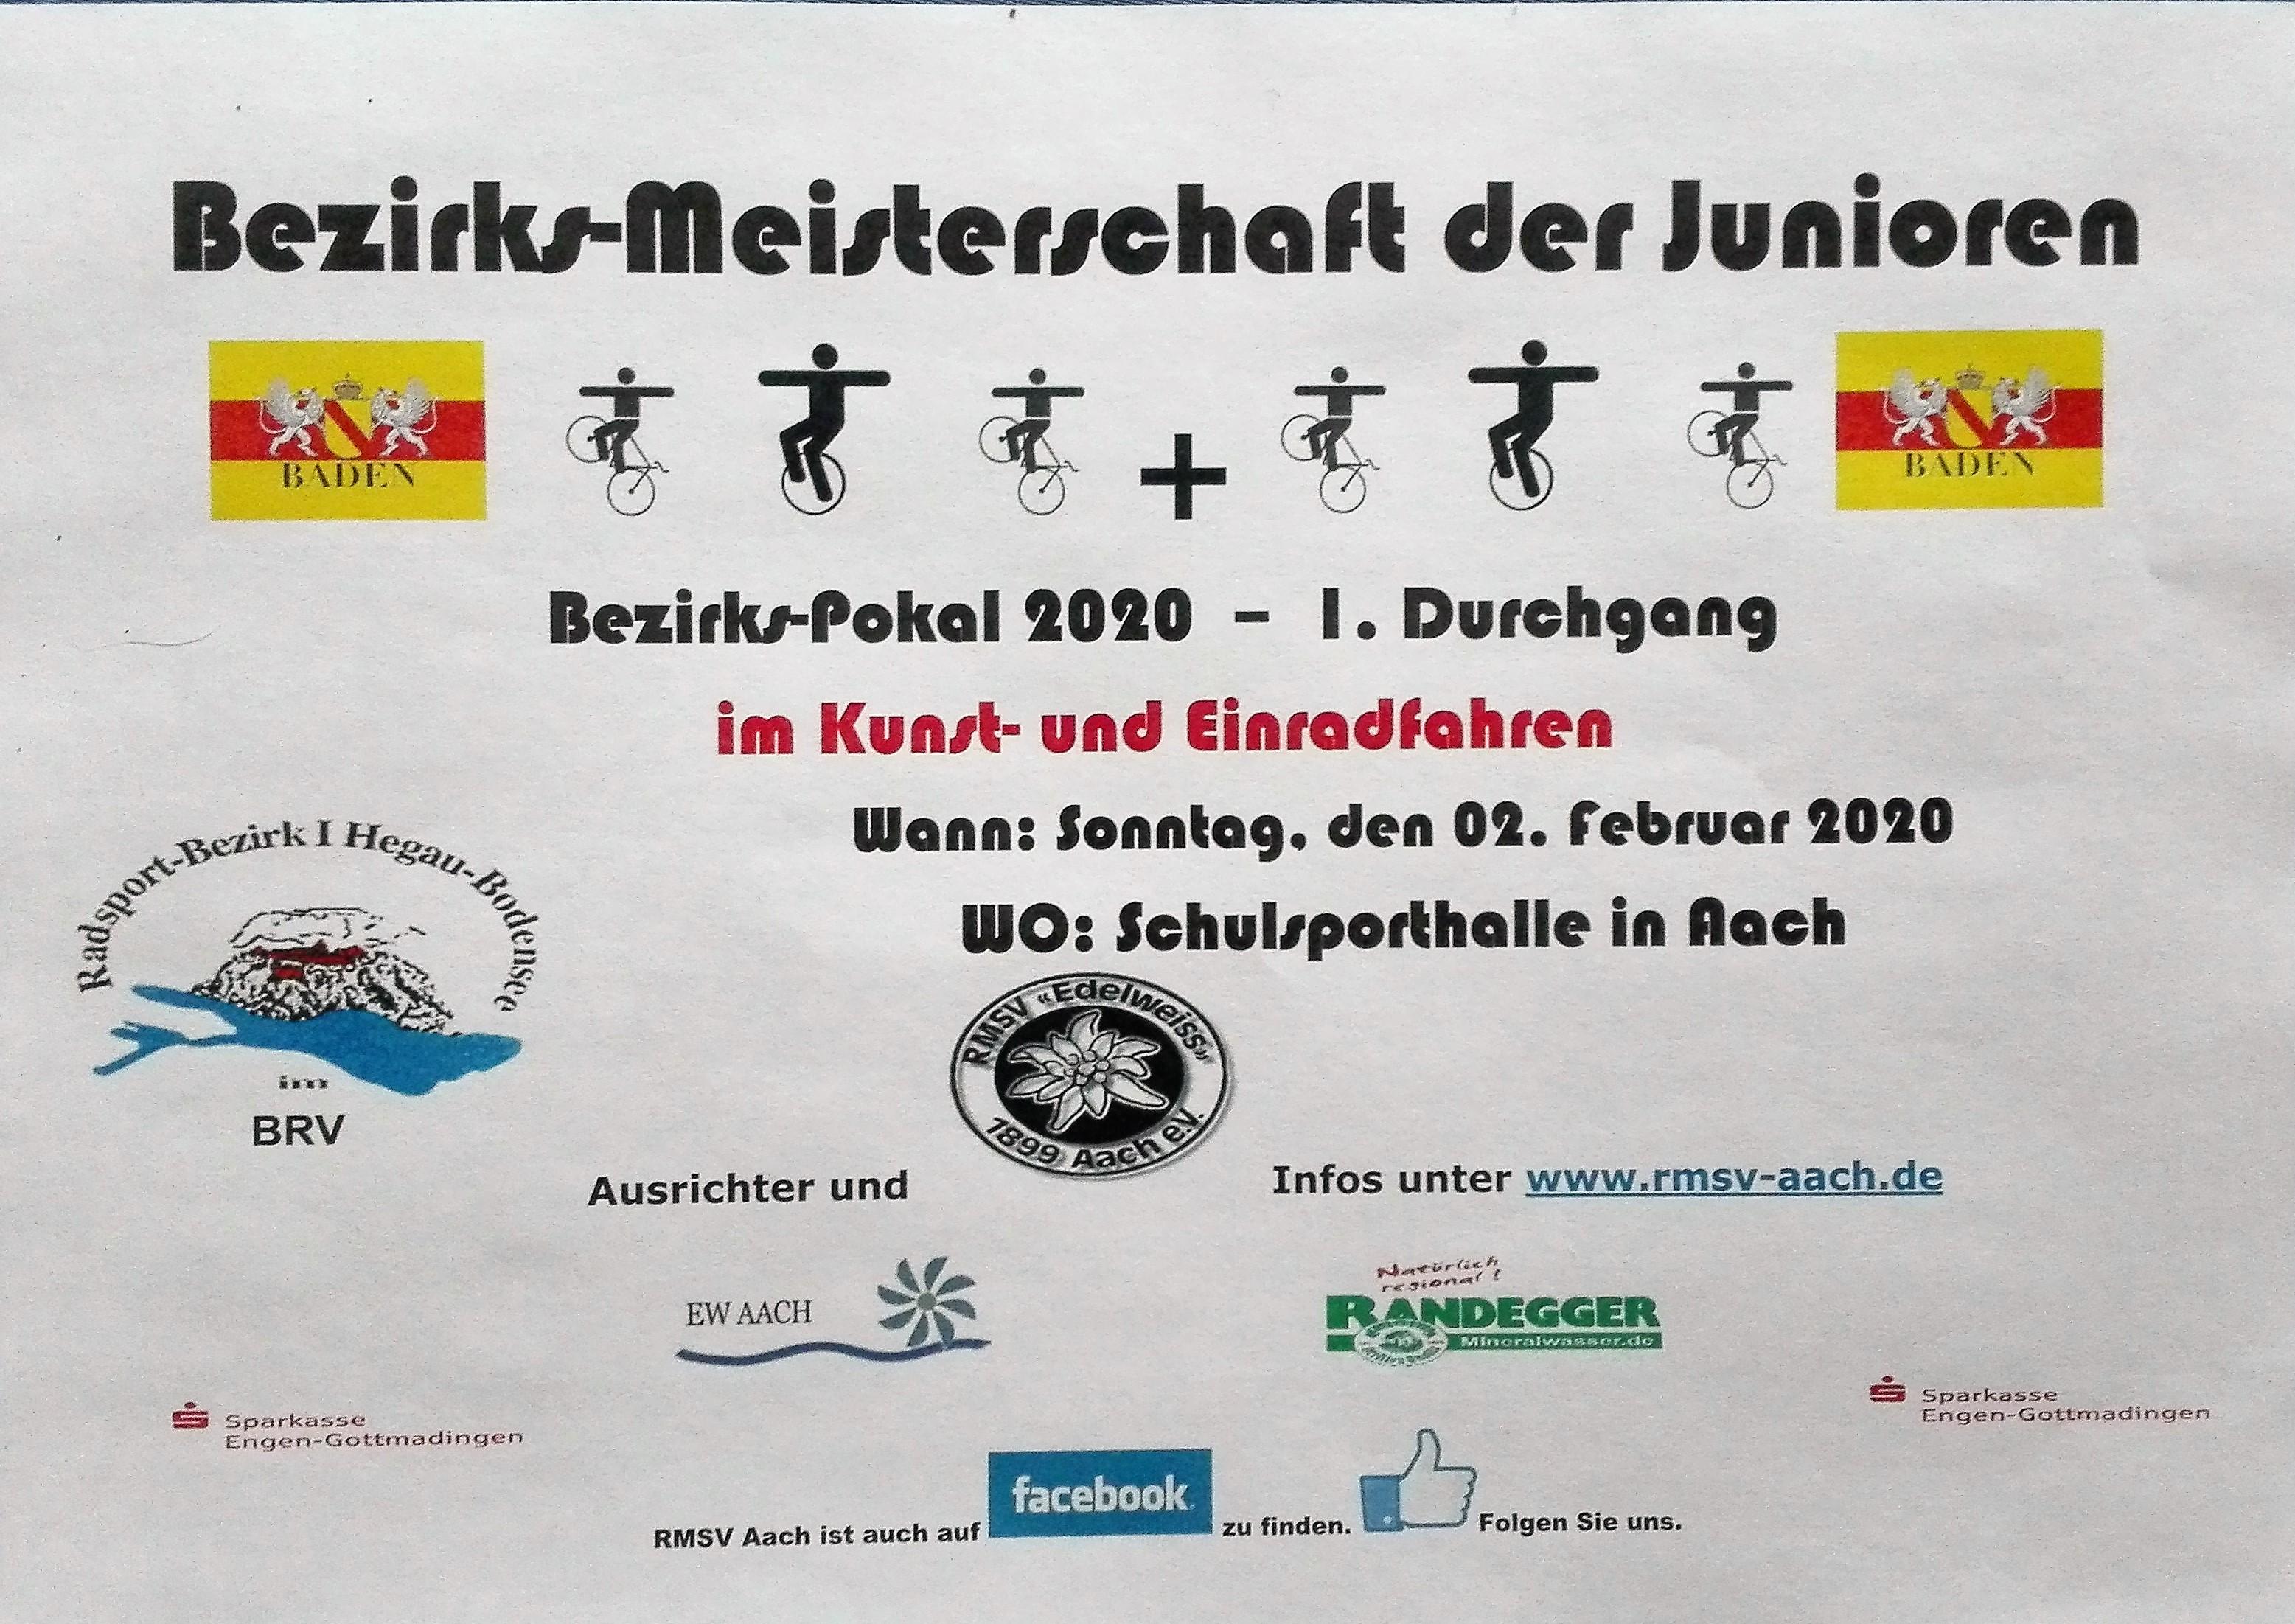 Safe the date! 02.02.20 Bezirkspokal und Bezirksmeisterschaft der Junioren in Aach